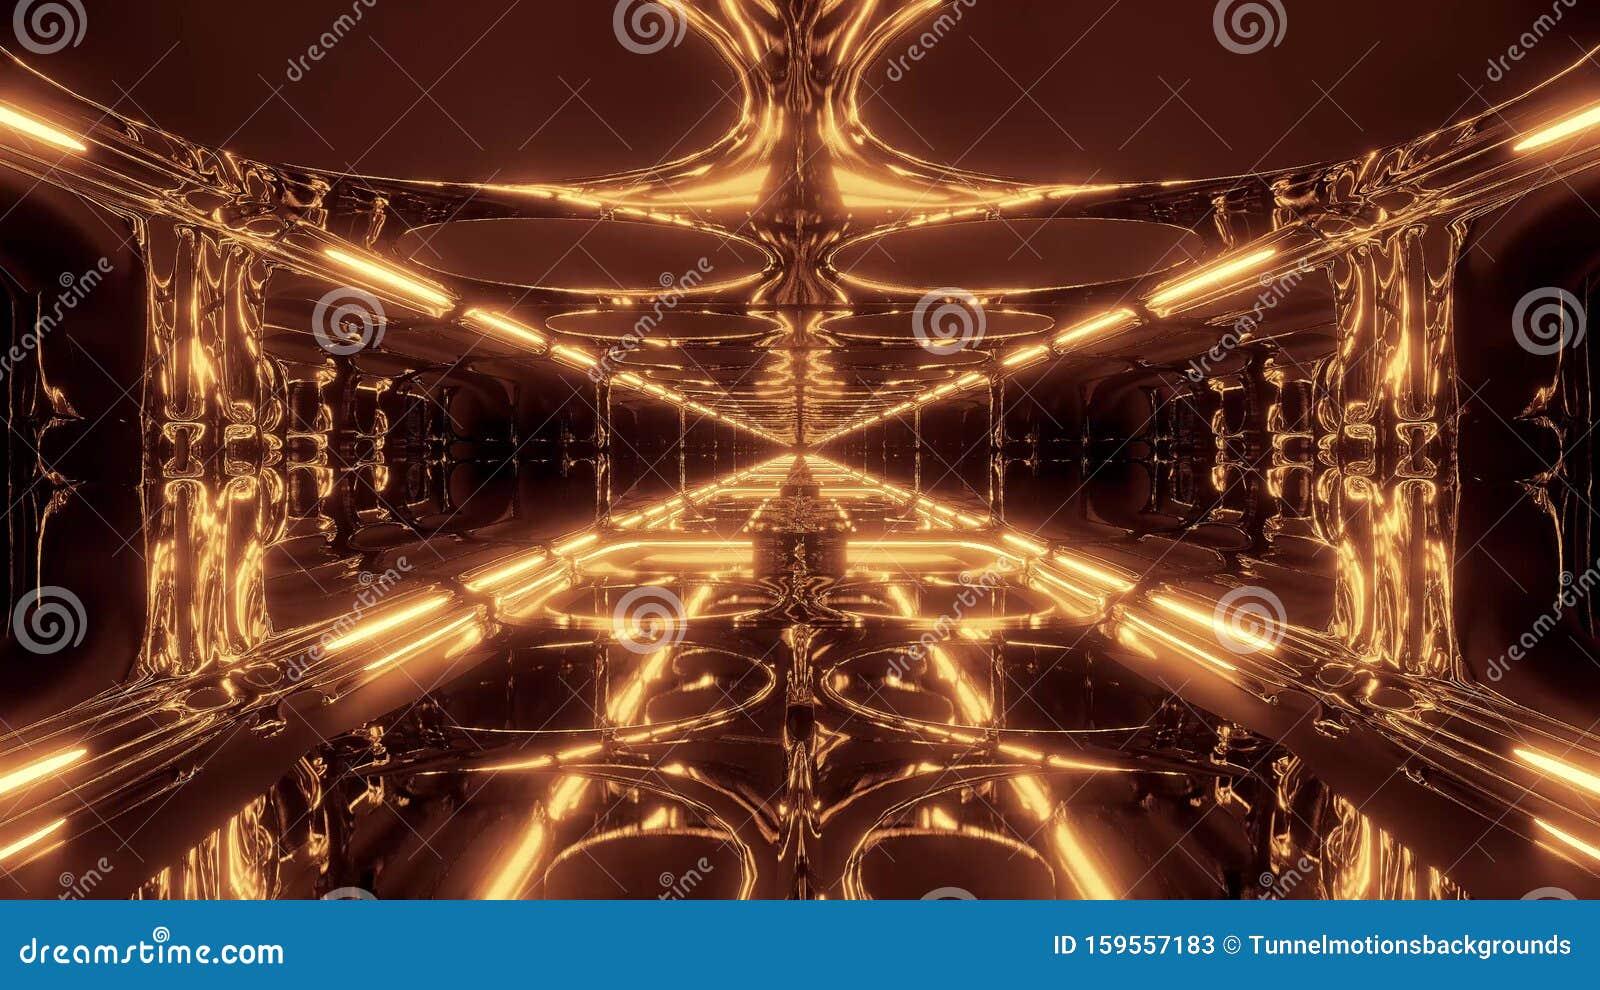 Tunnel Extraterrestre De Science Fiction Futuriste Avec Reflexion Energique 3d Illustration Fond D Ecran Illustration Stock Illustration Du Illustration Avec 159557183